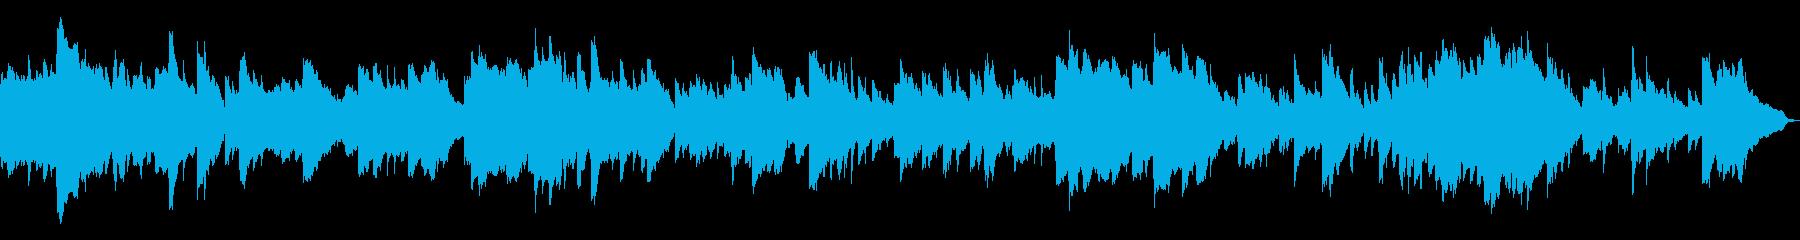 きれいなピアノのアルペジオ。ループ可の再生済みの波形